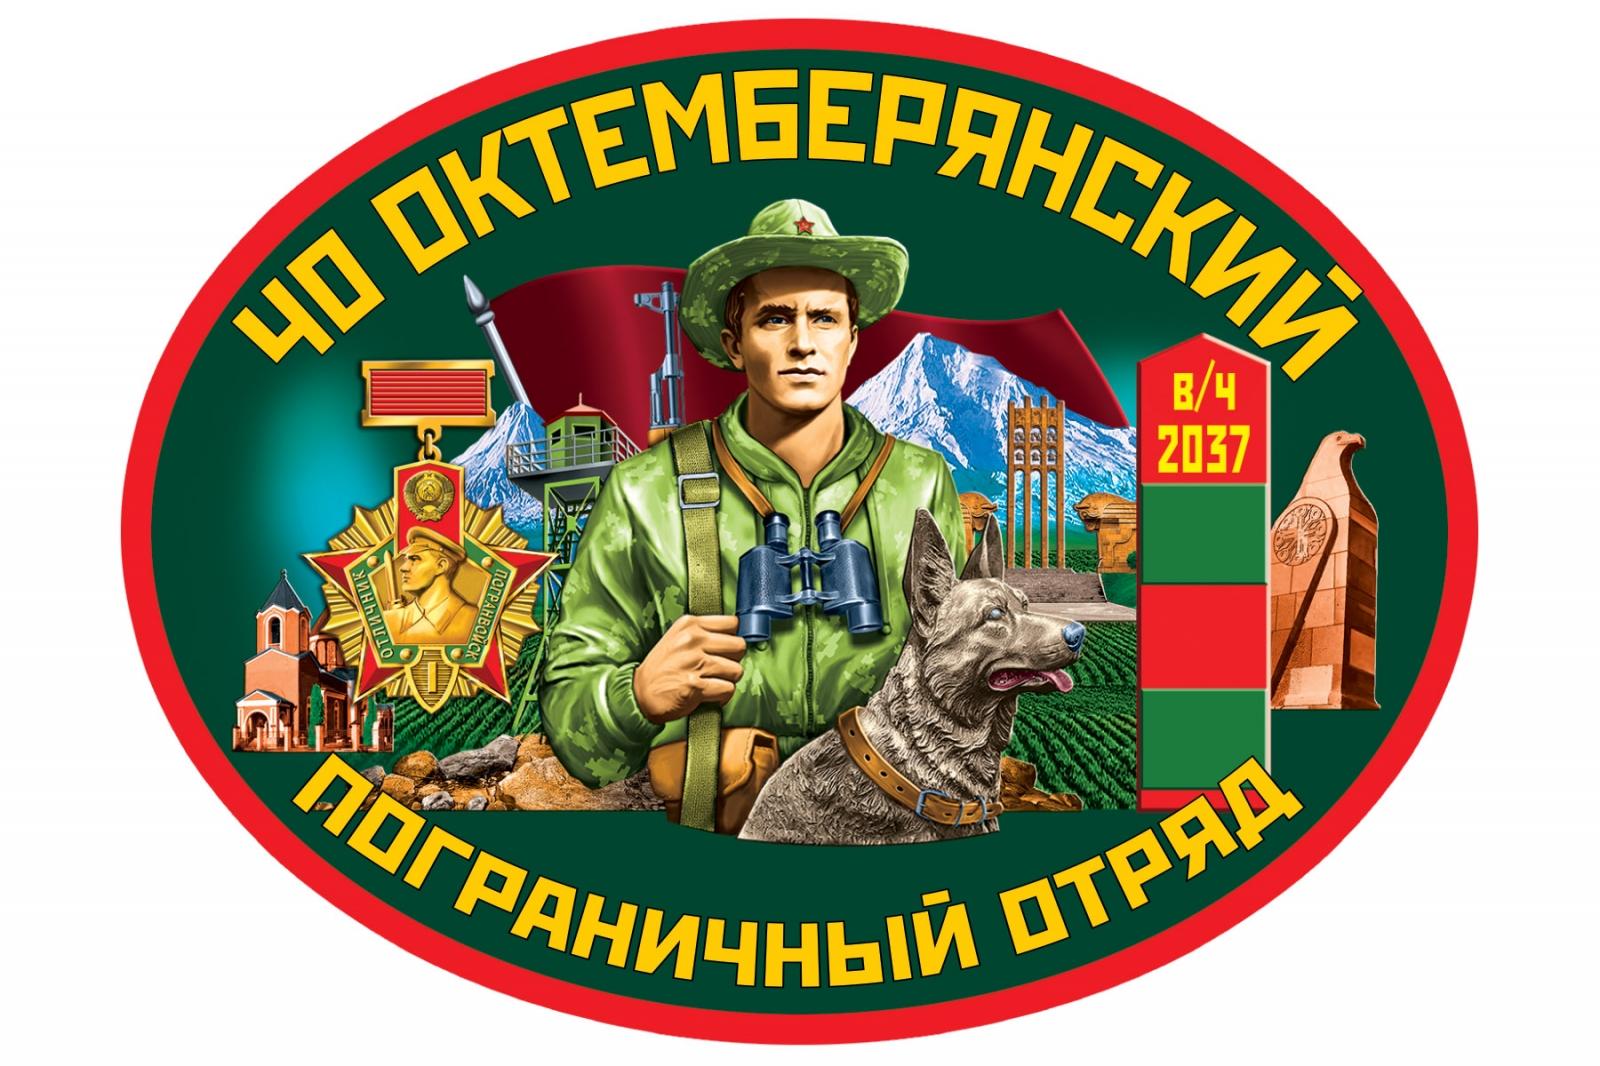 Автомобильная наклейка 40 Октемберянский пограничный отряд